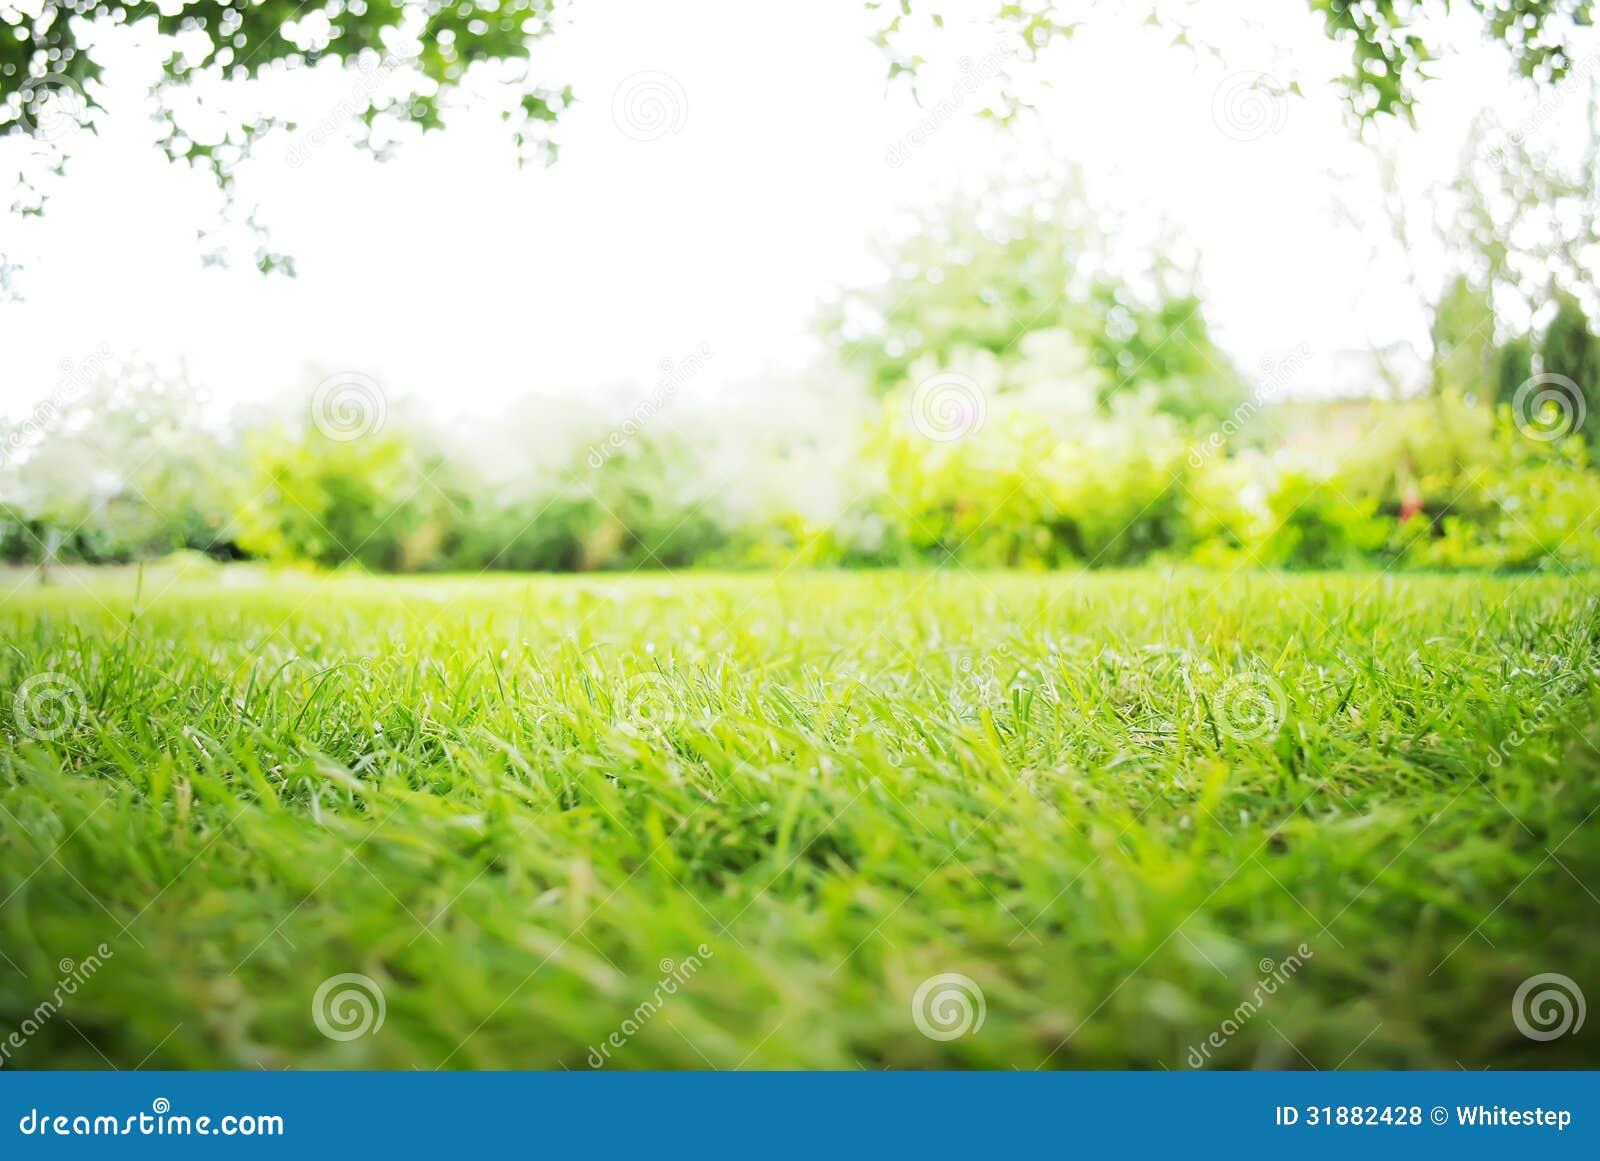 绿色风景背景